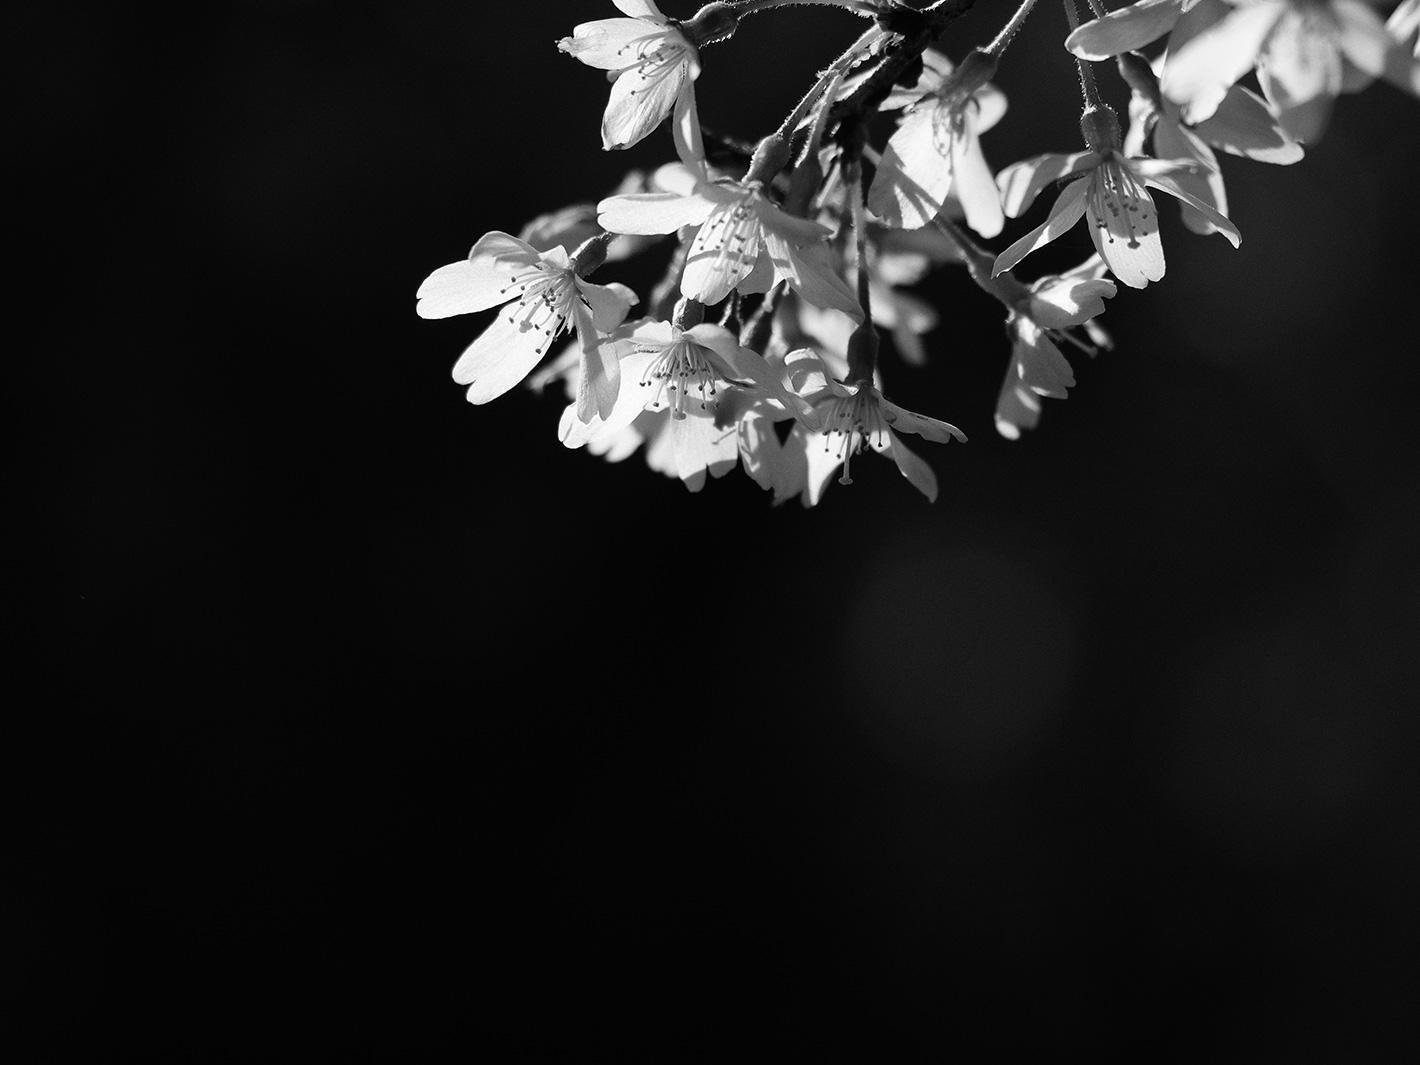 桜_f0121181_4274123.jpg